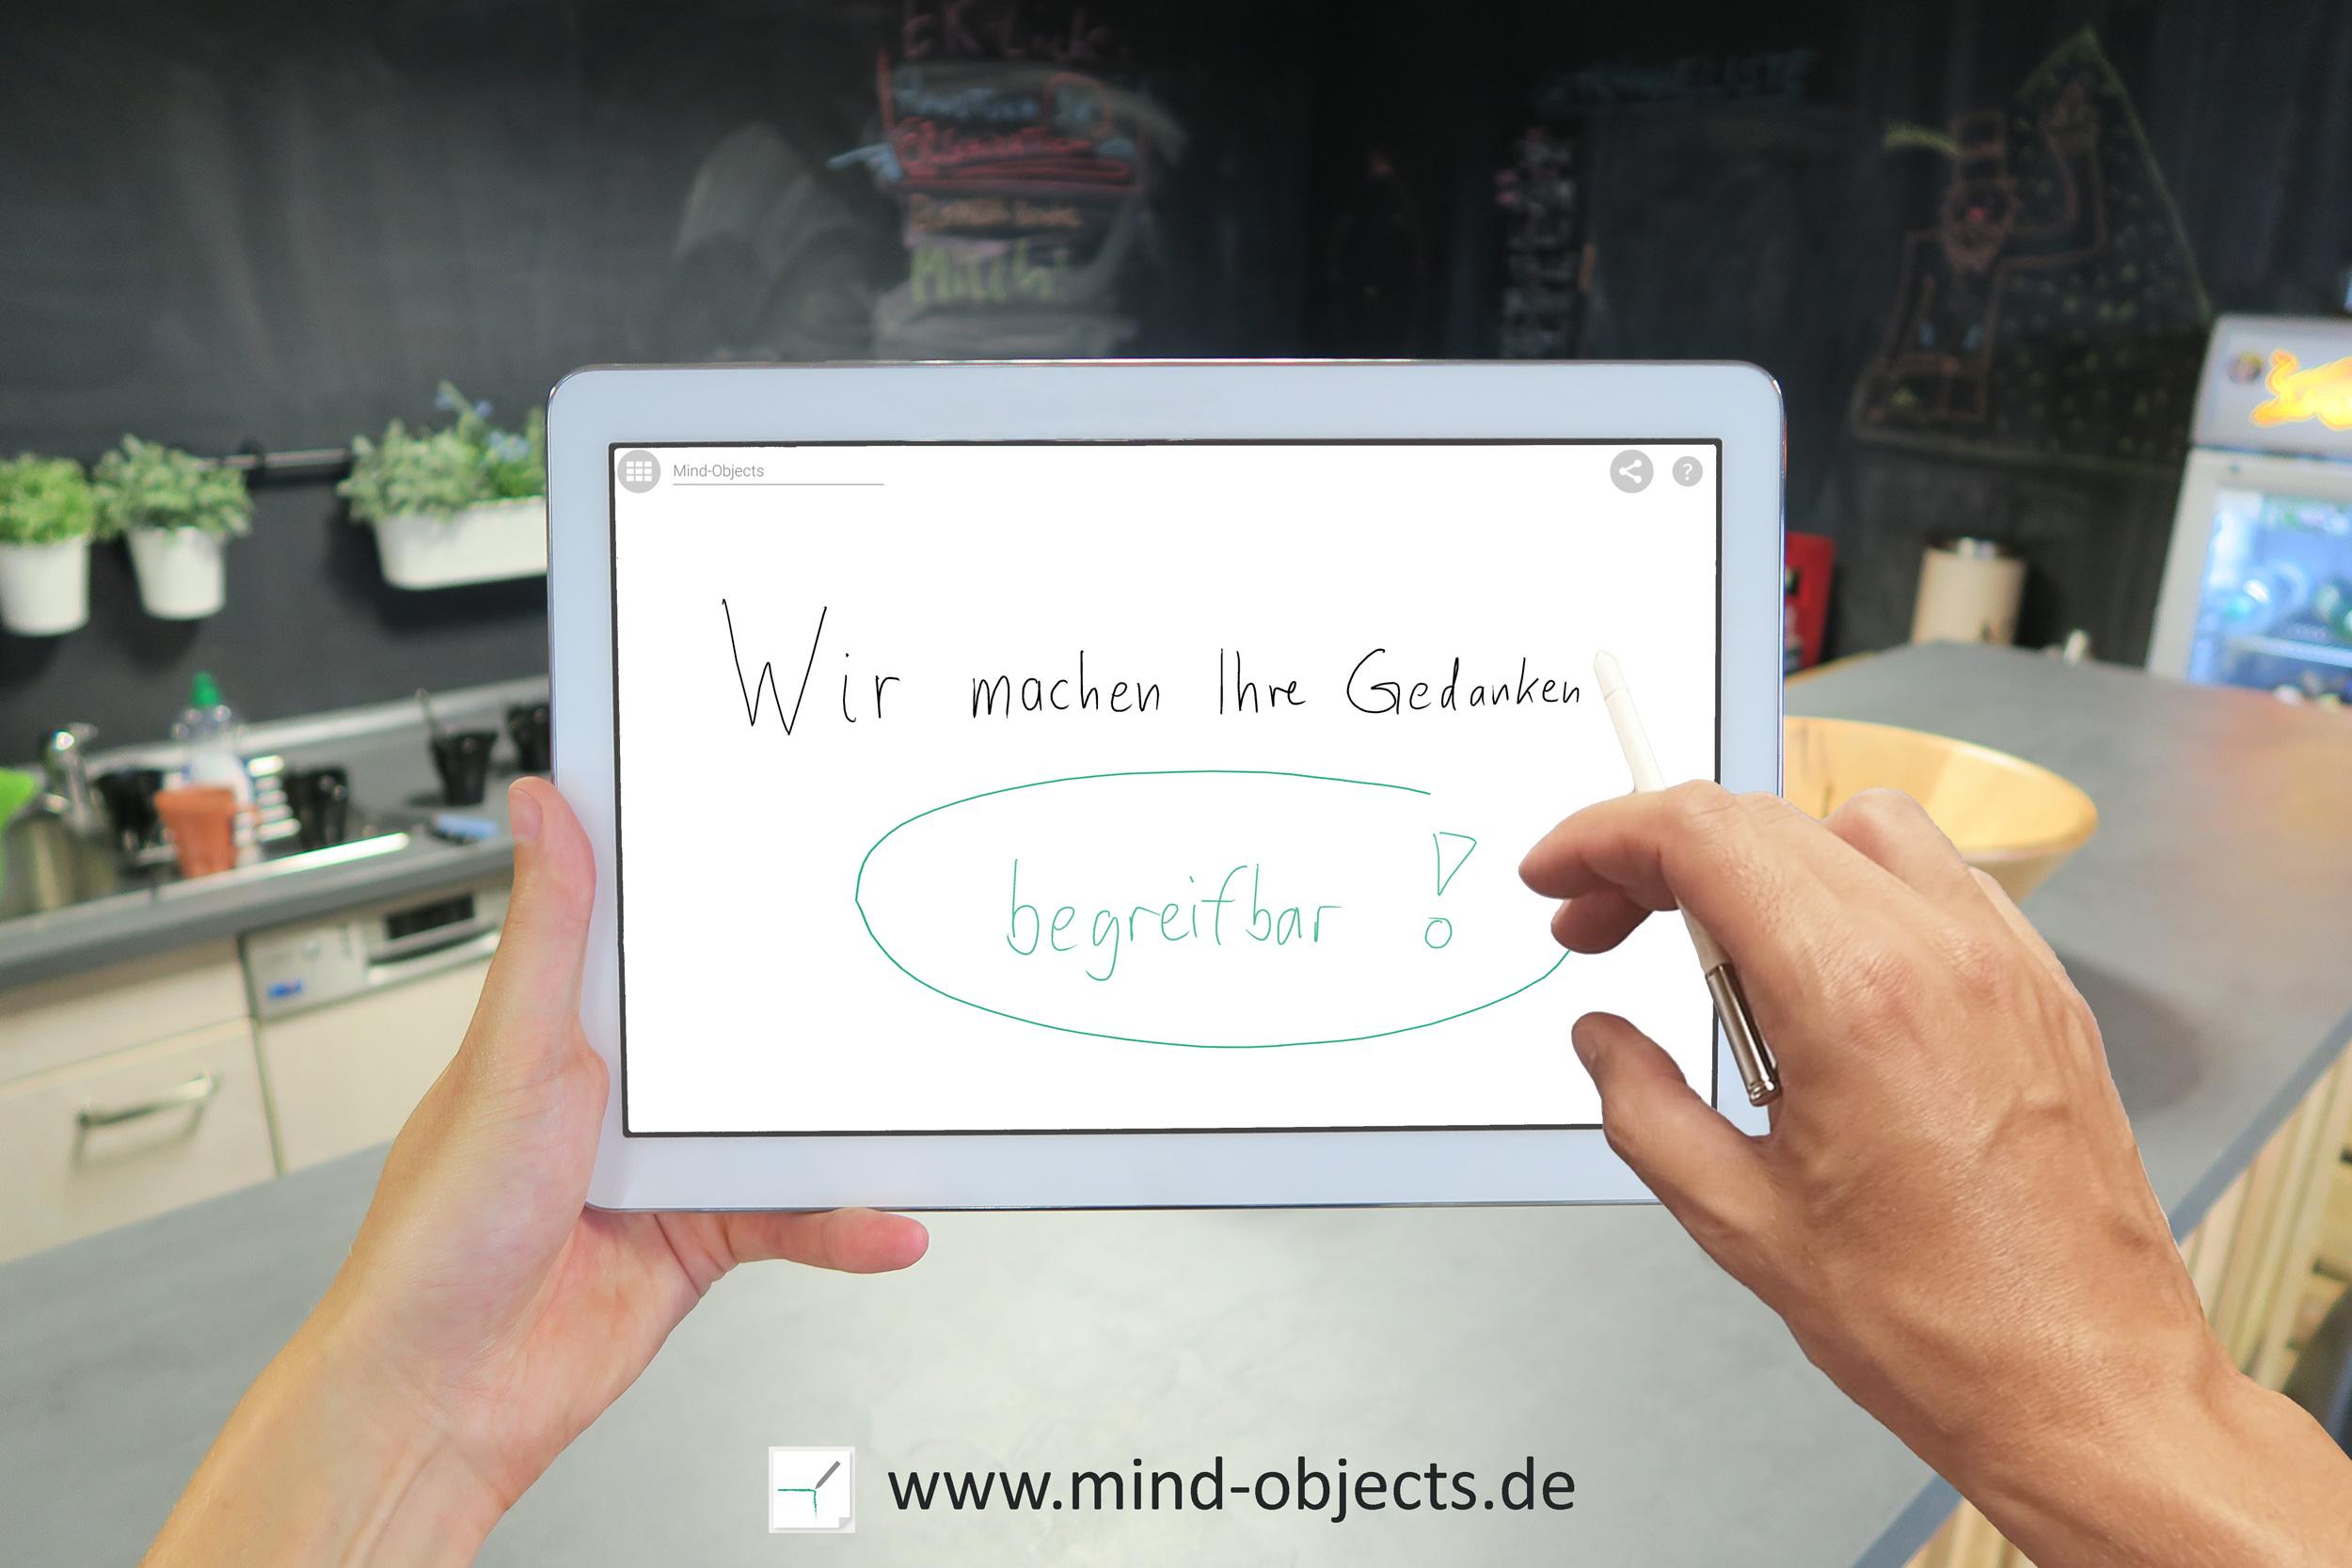 wir machen ihre Gedanken begreifbar - Tablet mit mind objects